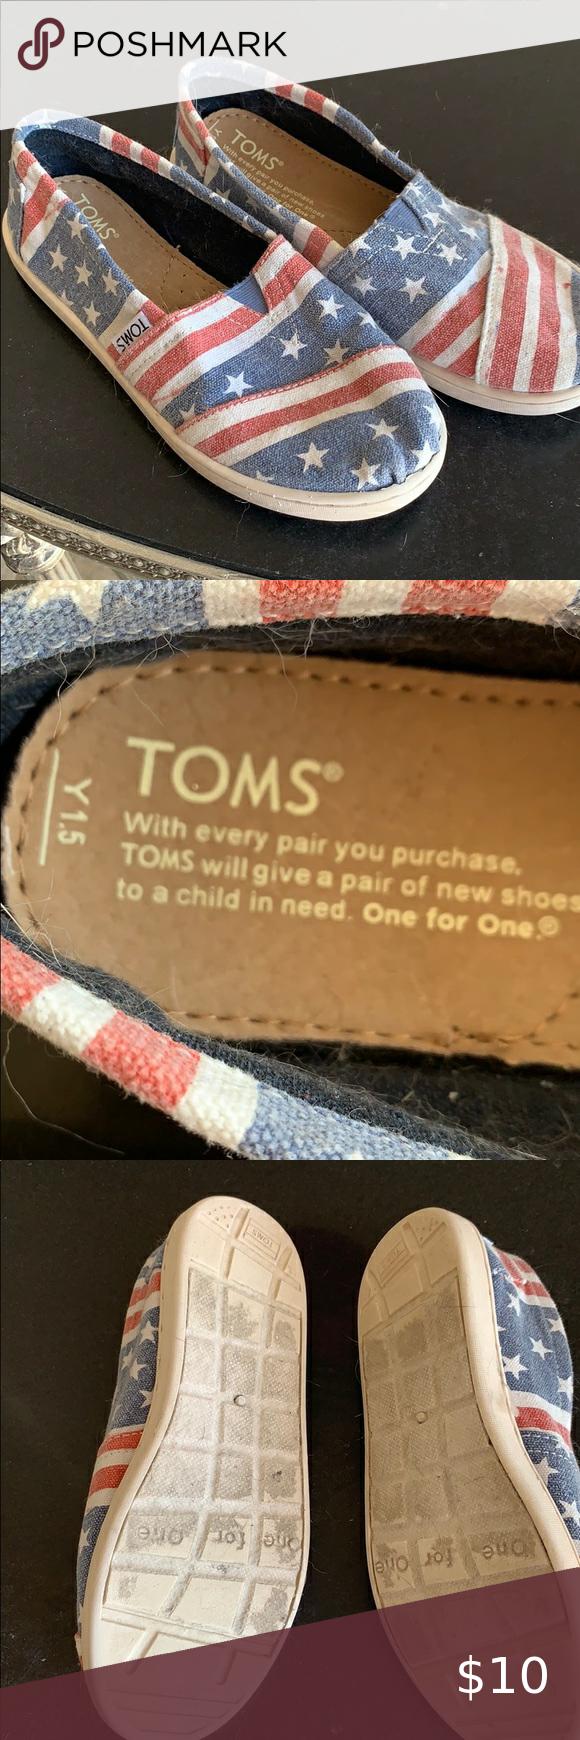 Blue toms, Toms shoes